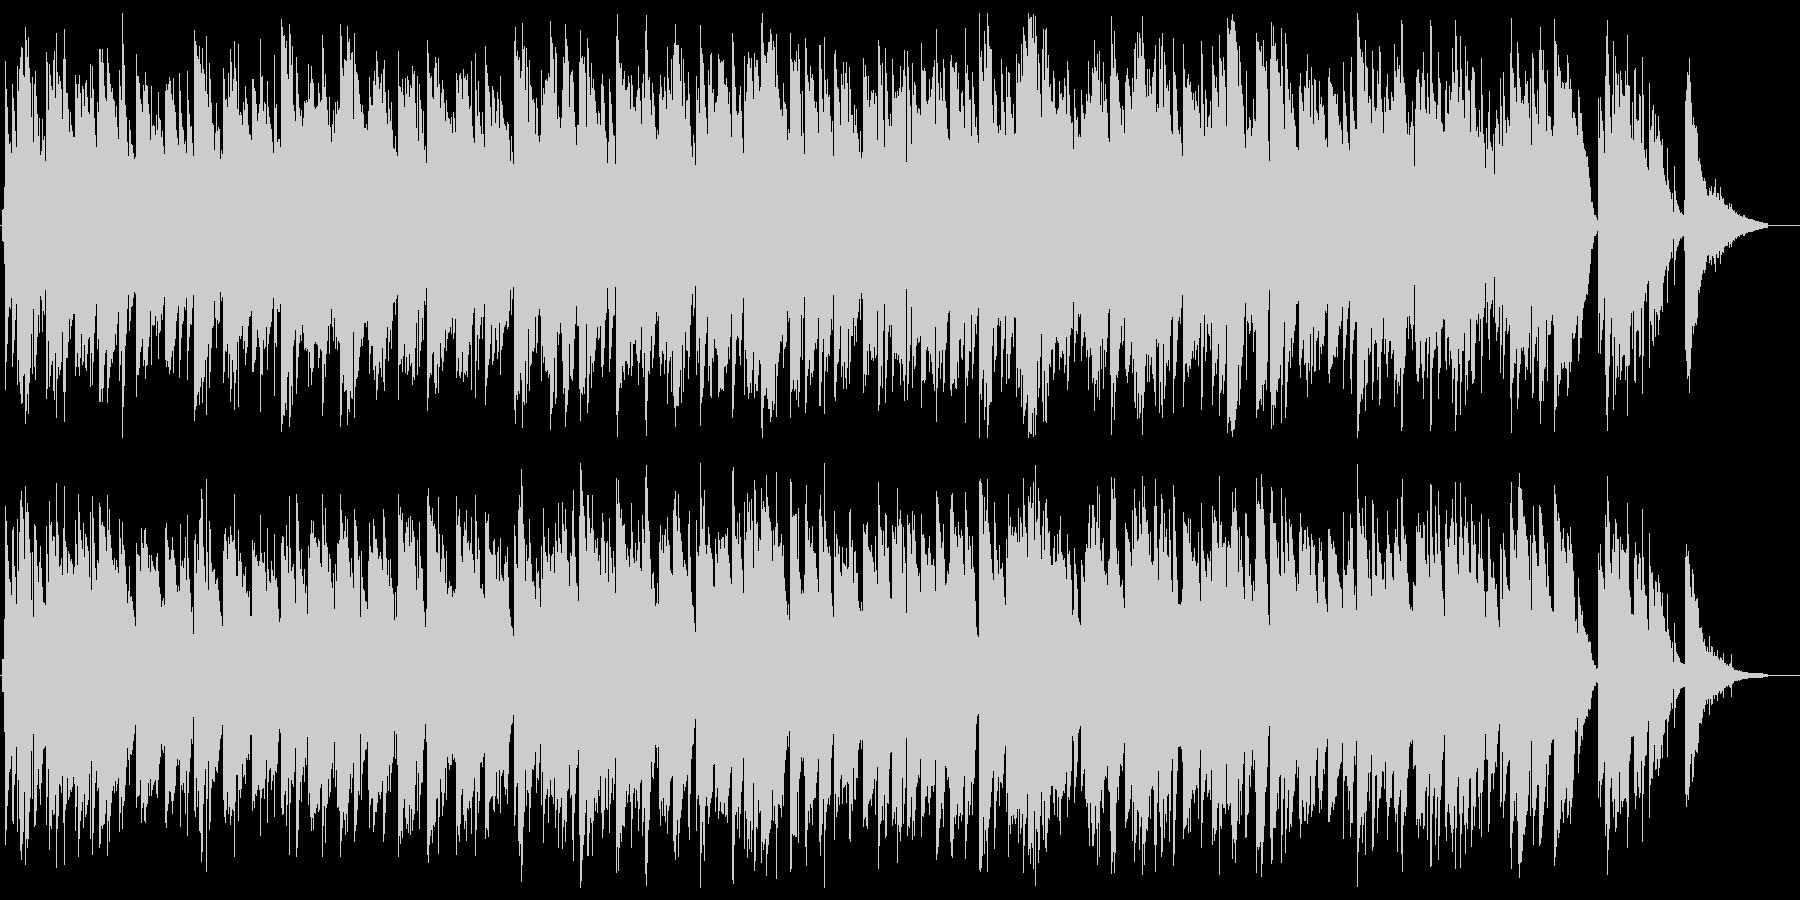 ゆったりリゾート感ギター弦楽器サウンドの未再生の波形